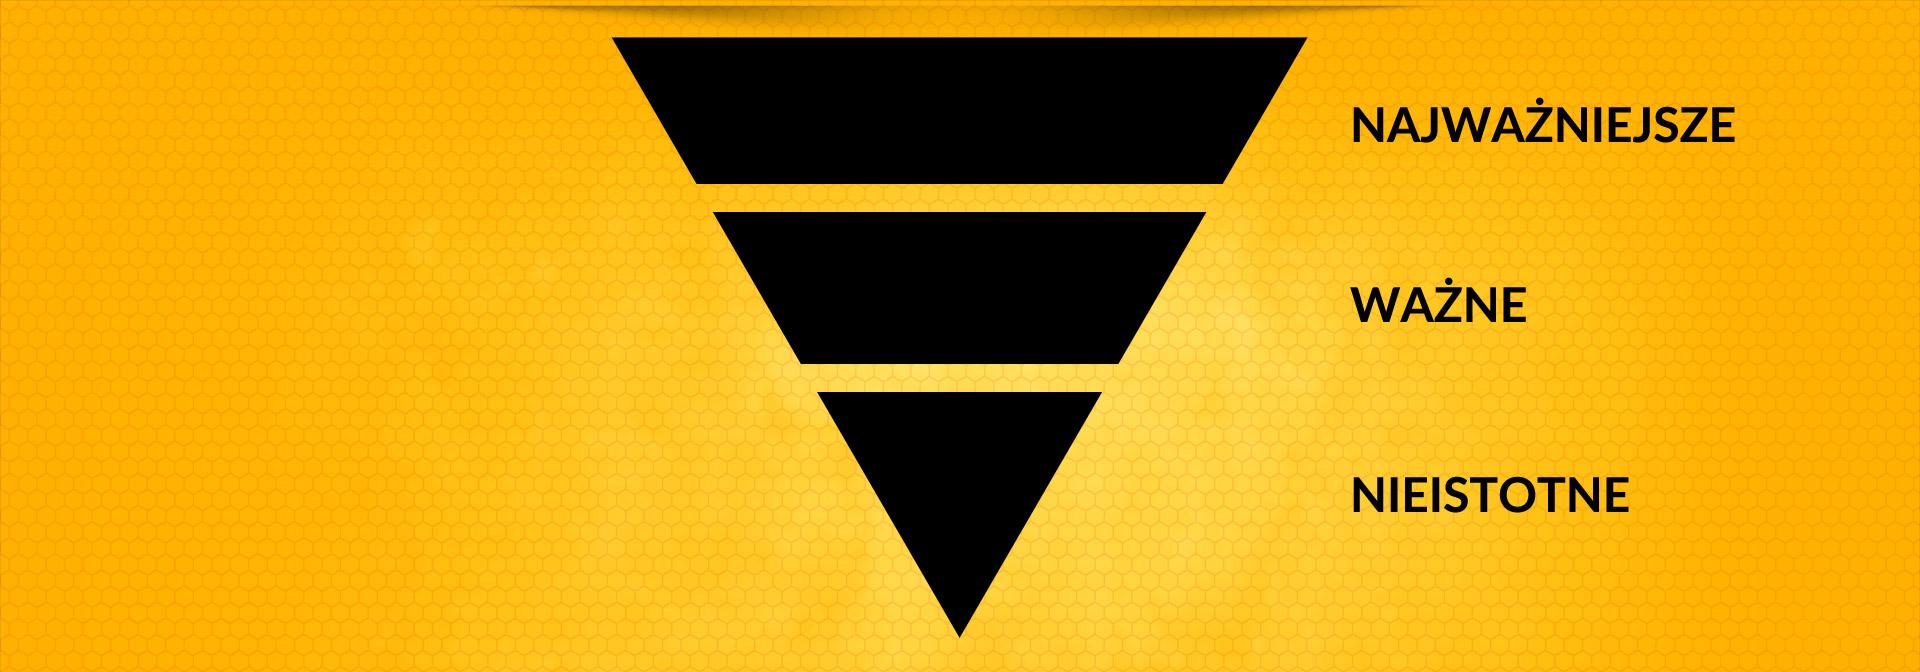 Piramida informacji w tekście na stronę